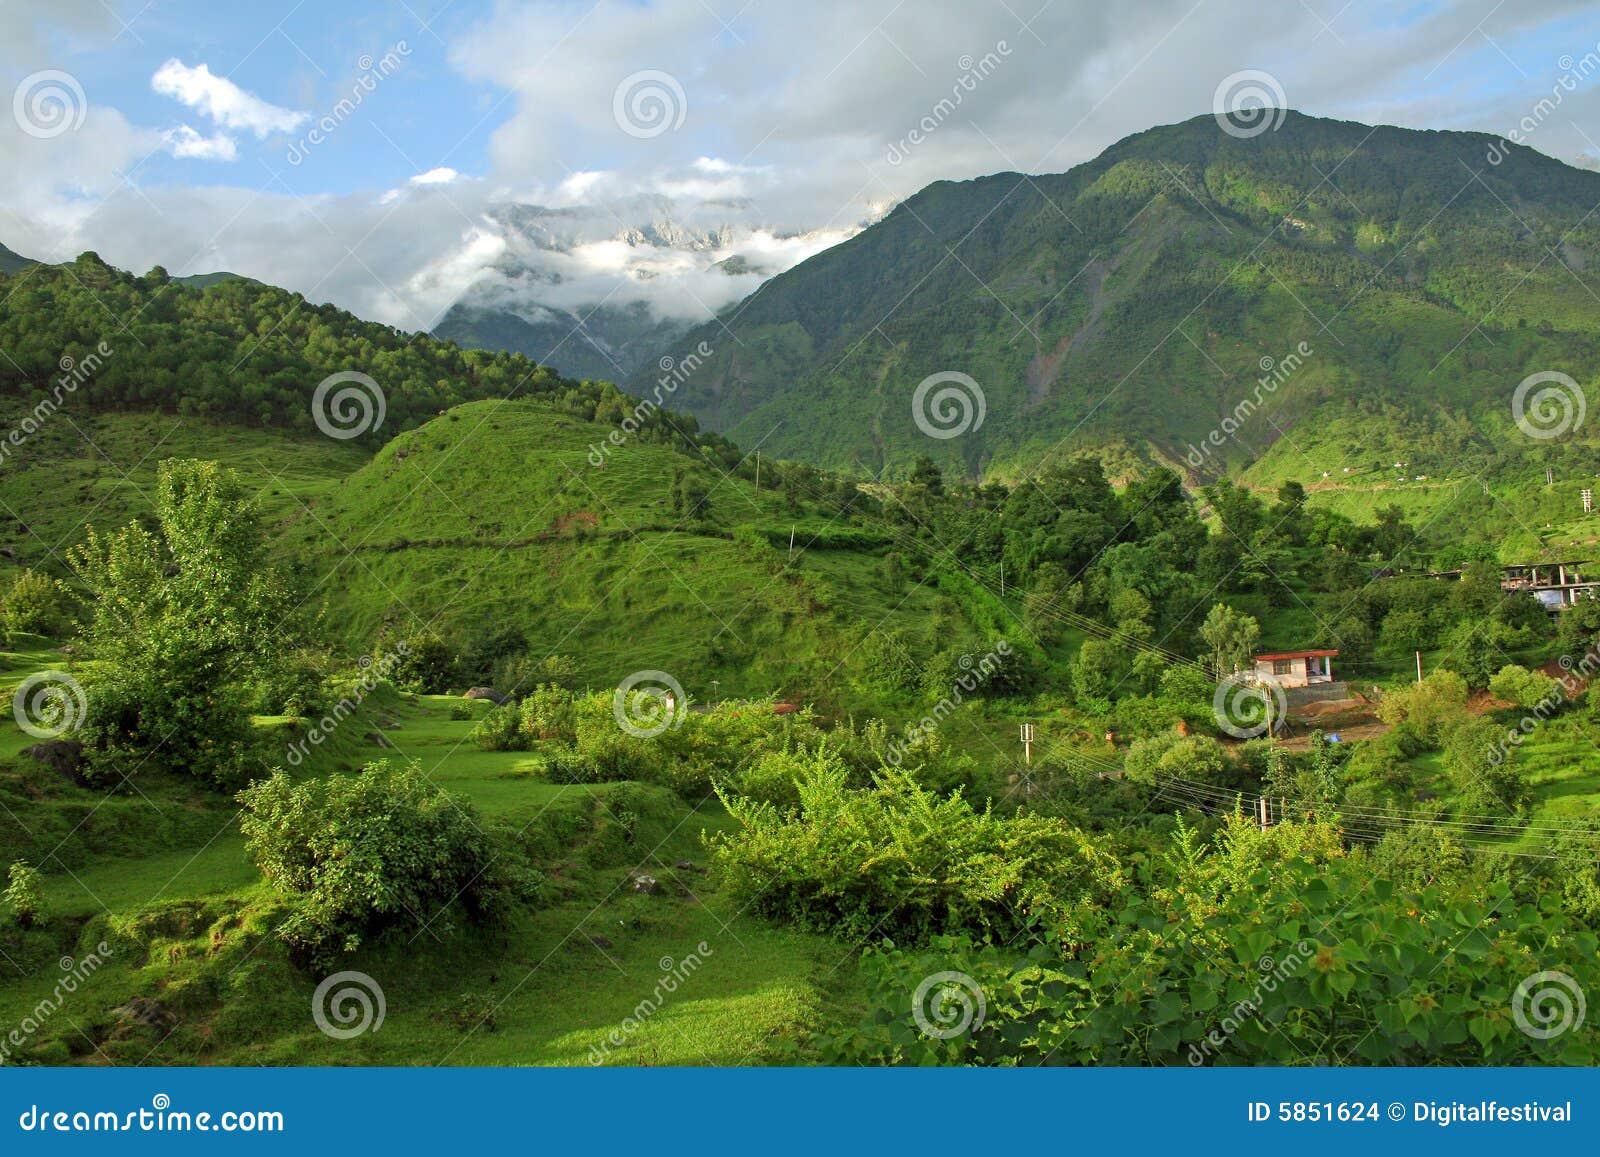 Kangra India  city pictures gallery : Mountain Green Himalayas, Kangra India Stock Images Image: 5851624